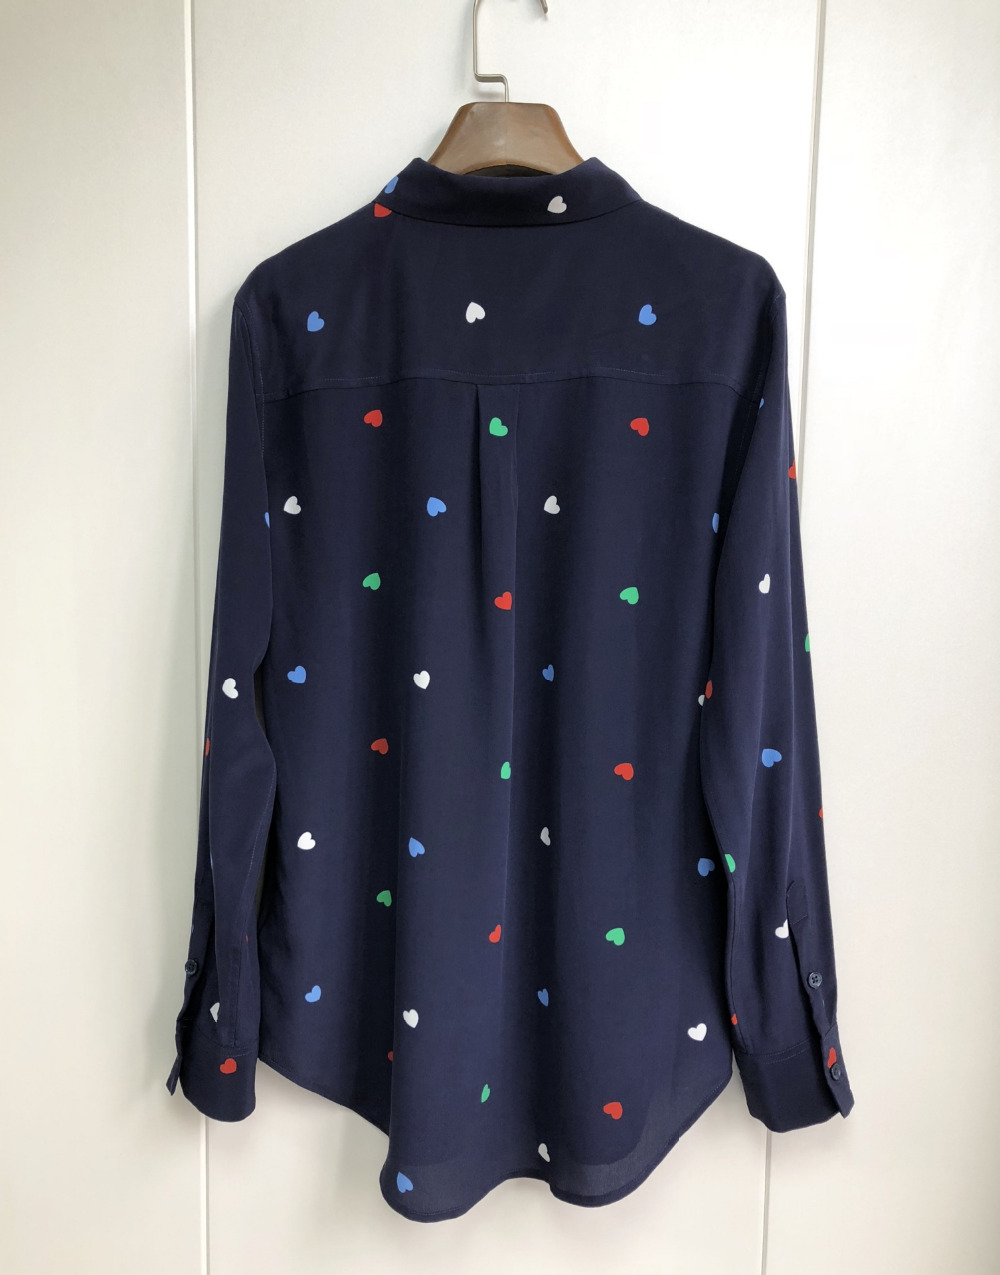 100% الحرير المرأة البحرية الأزرق الملونة الحب القلب طباعة كم طويل قميص-في بلوزات وقمصان من ملابس نسائية على  مجموعة 3